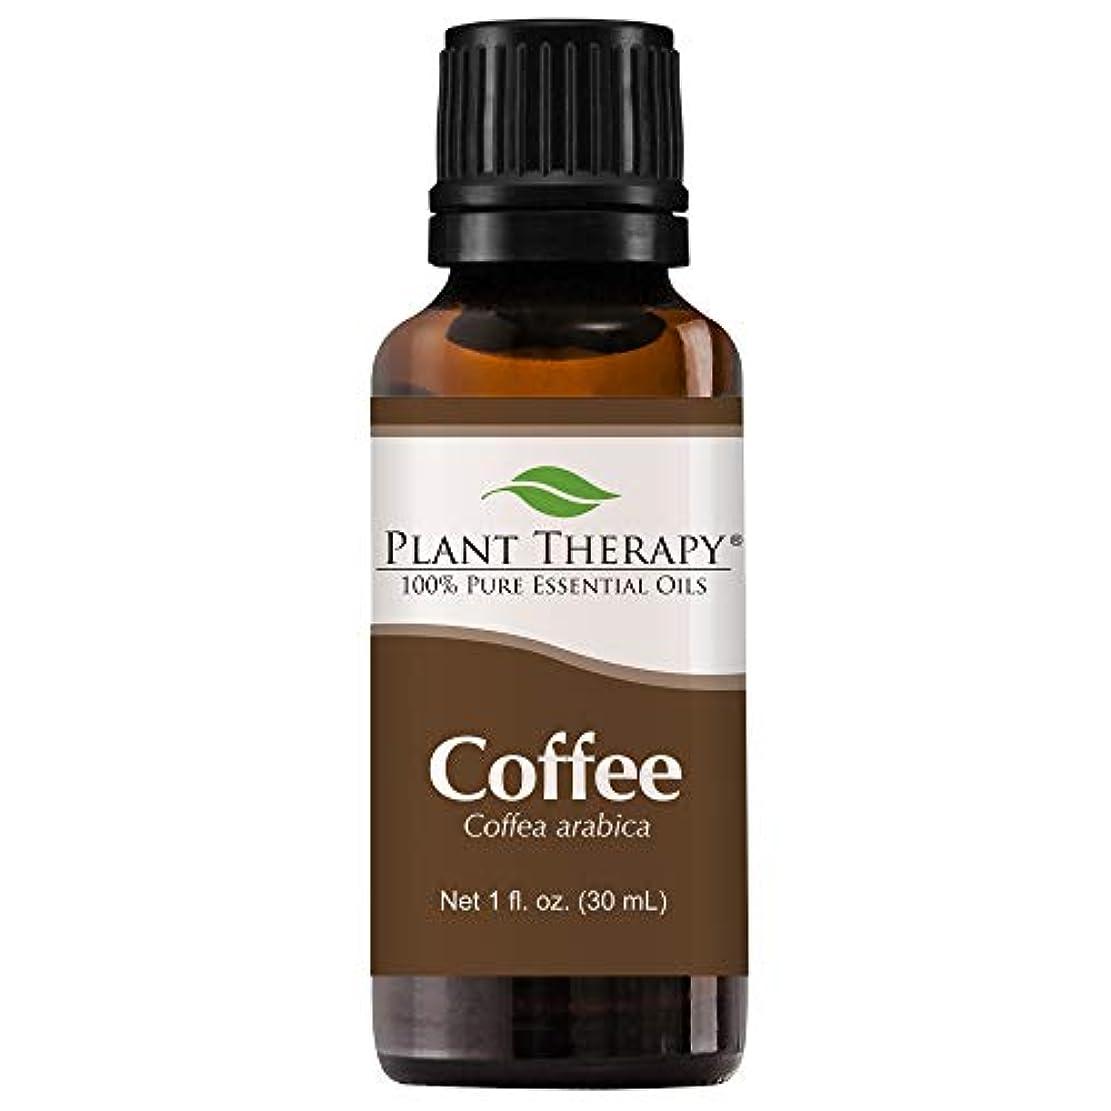 活性化する超高層ビル協力Coffee Essential Oil. 30 ml (1 oz). 100% Pure, Undiluted, Therapeutic Grade. by Plant Therapy Essential Oils